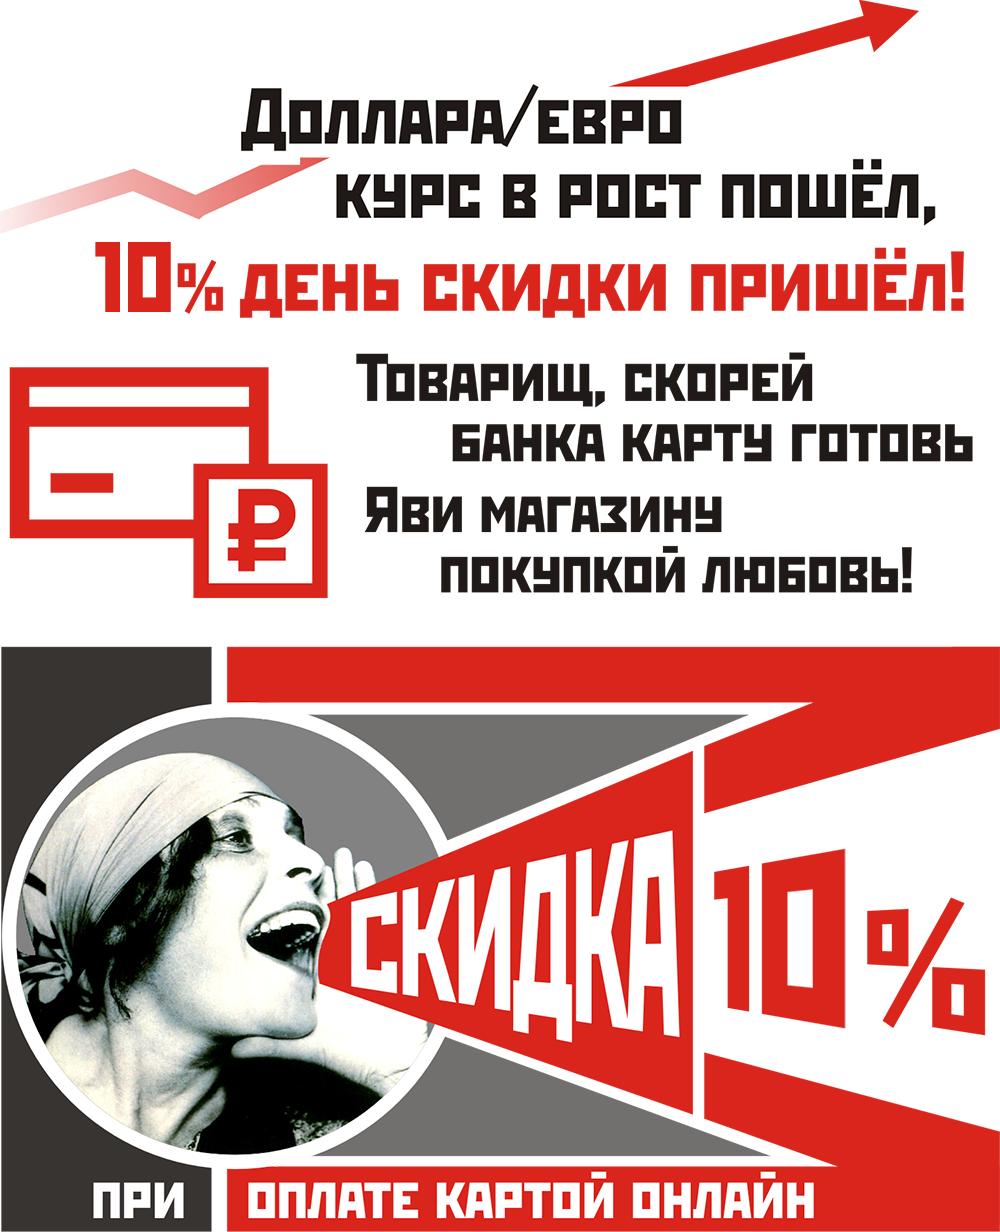 Скидка 10% при оплате картой онлайн